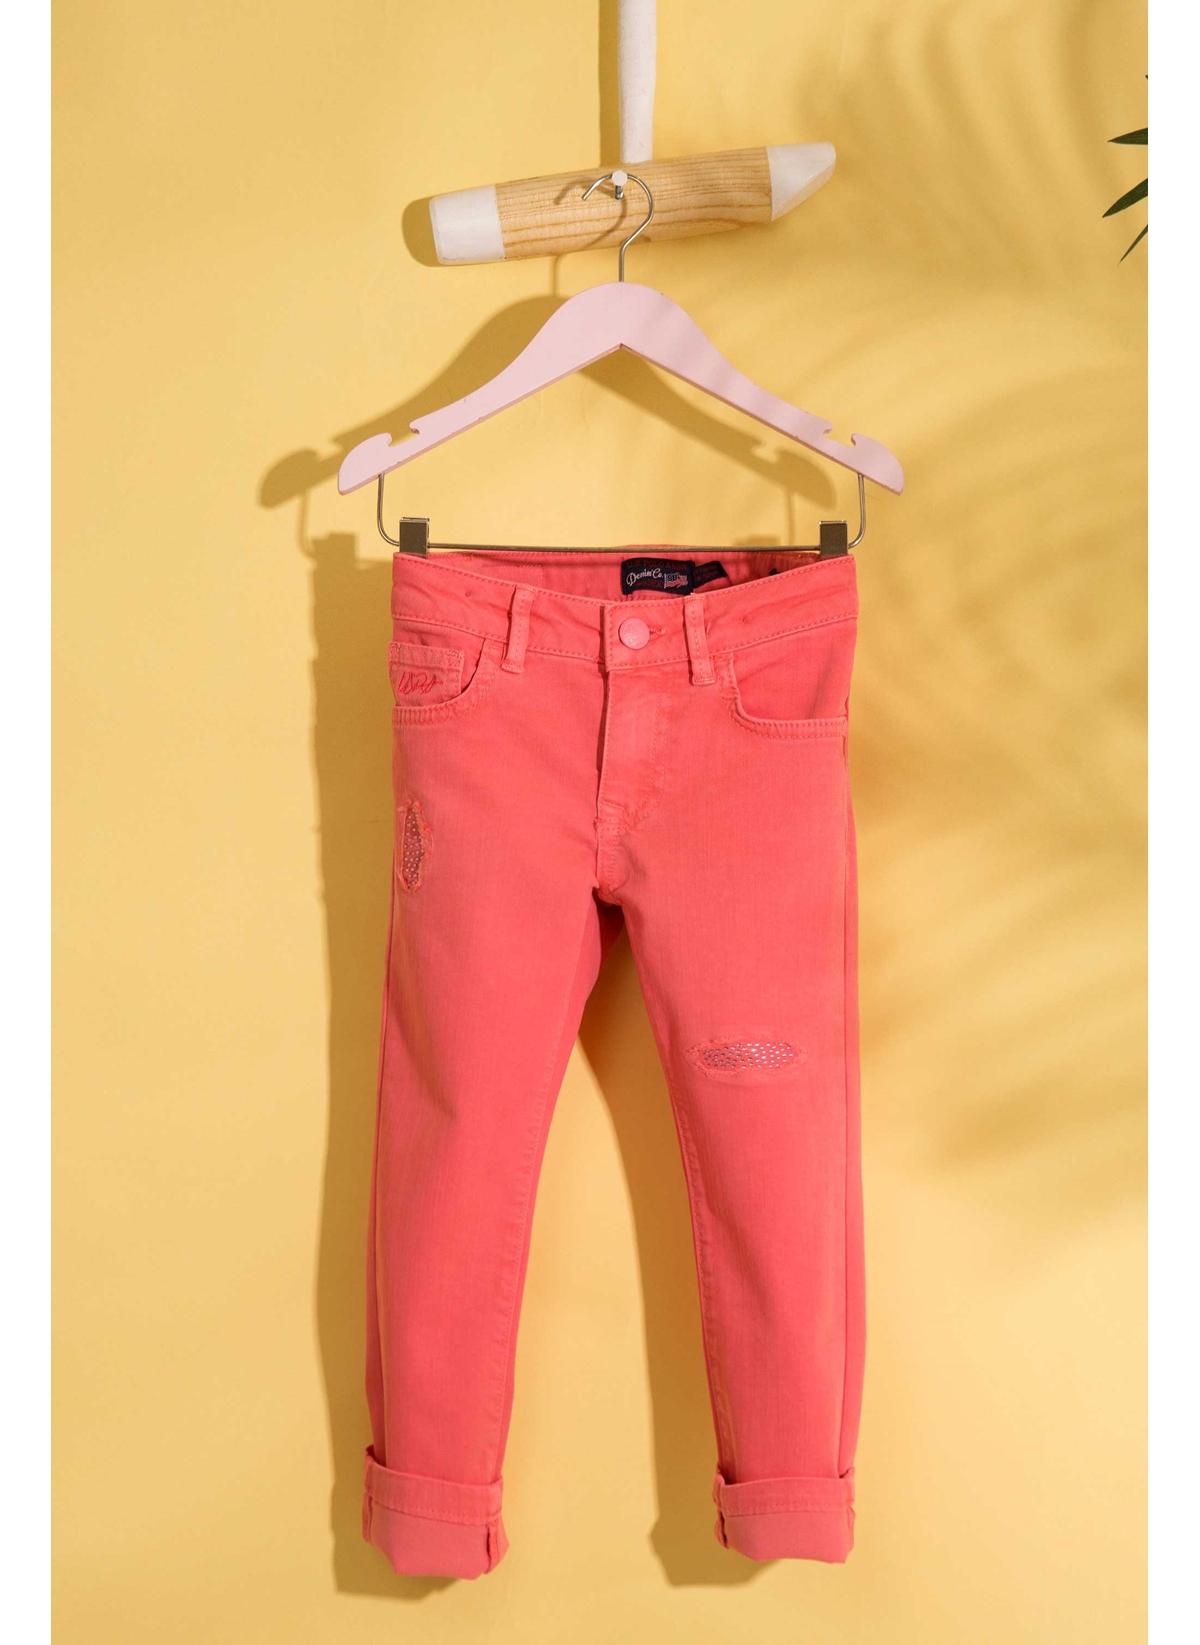 U.S. Polo Assn. Pantolon 12 Yaş 5001704532003 Ürün Resmi